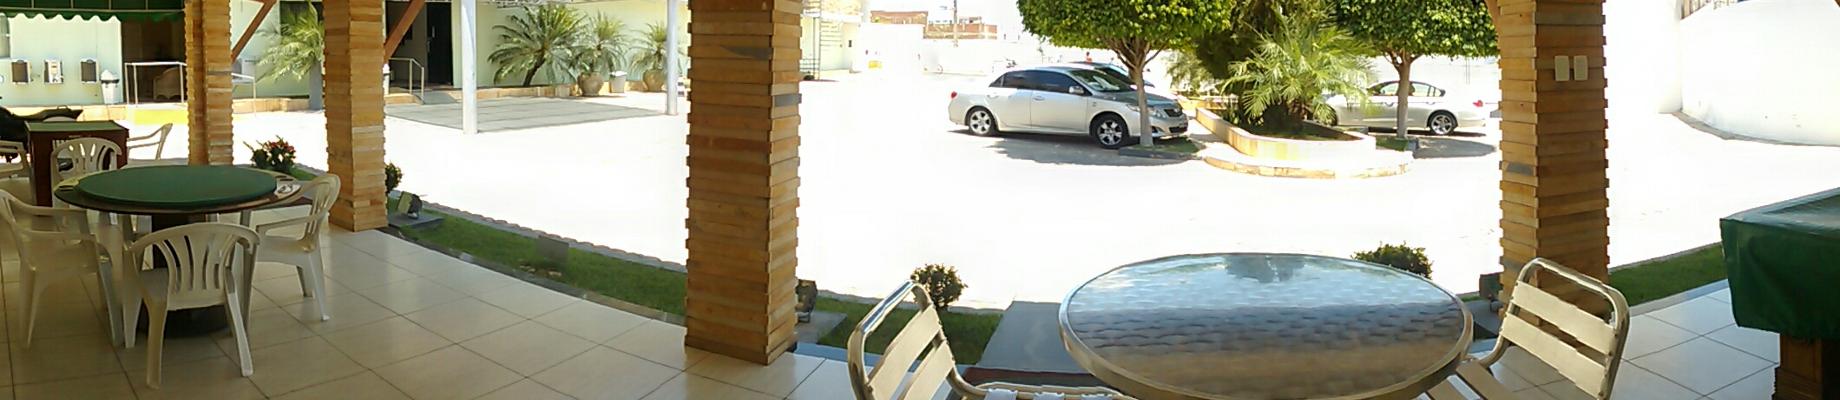 Imagem 360